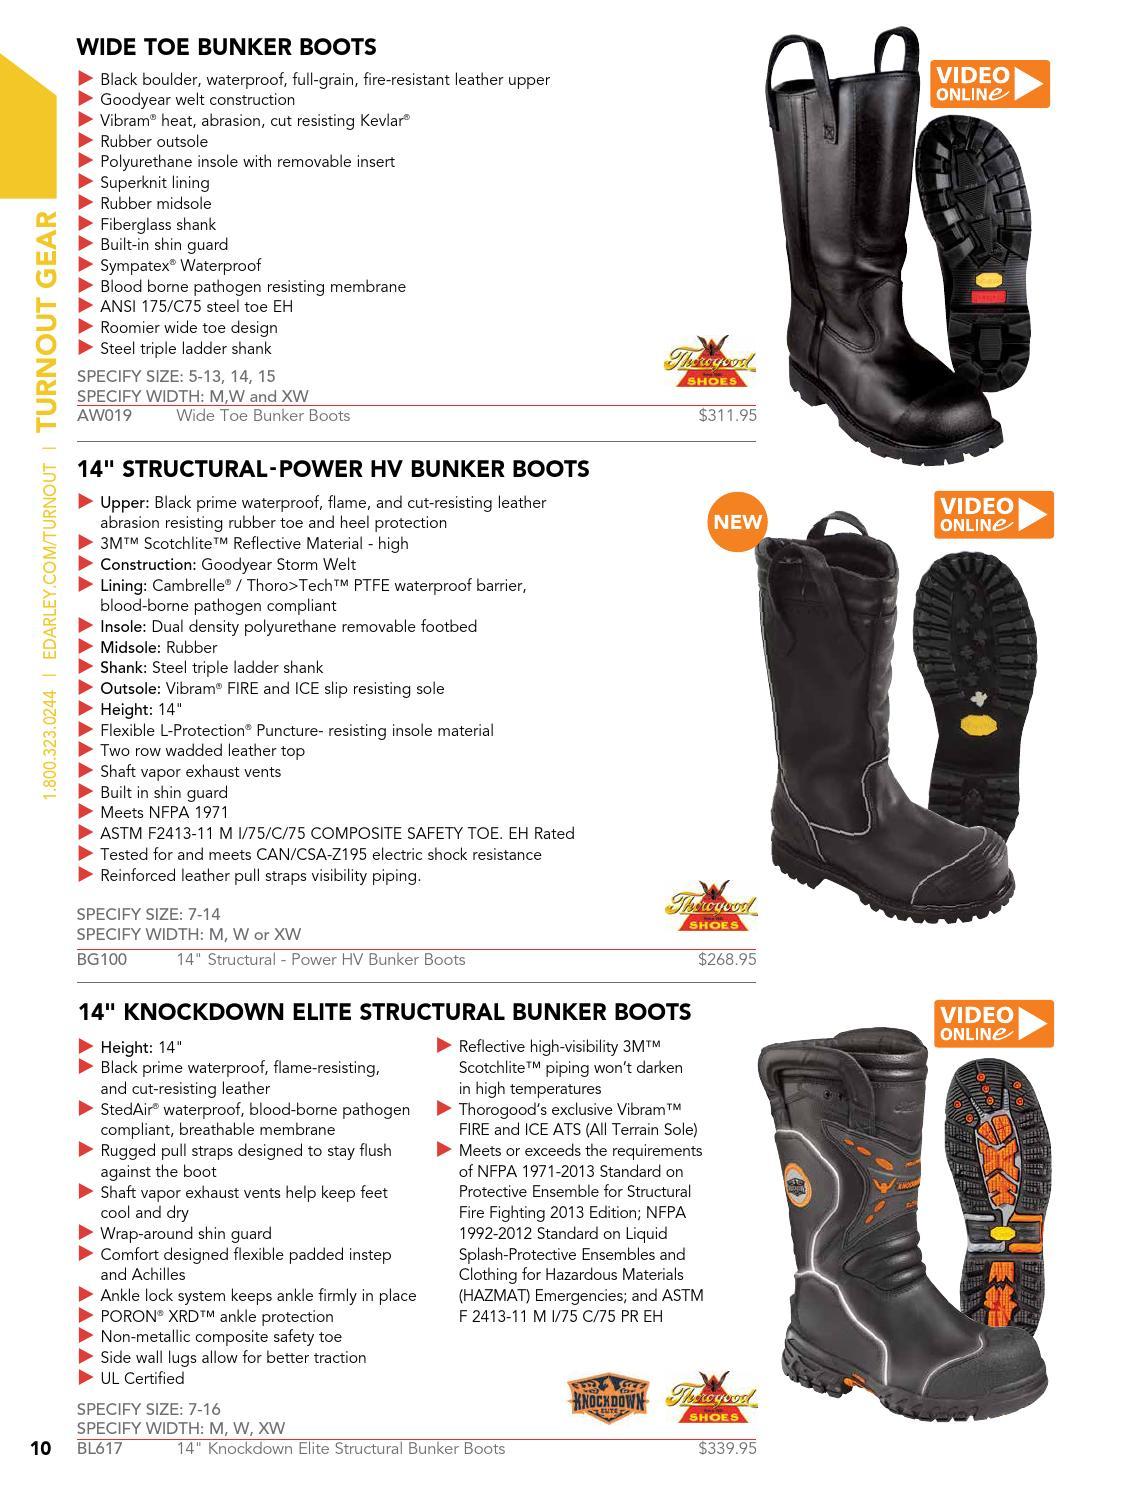 7393a6048e5 Darley Equipment Catalog 268 by W. S. Darley & Company - issuu